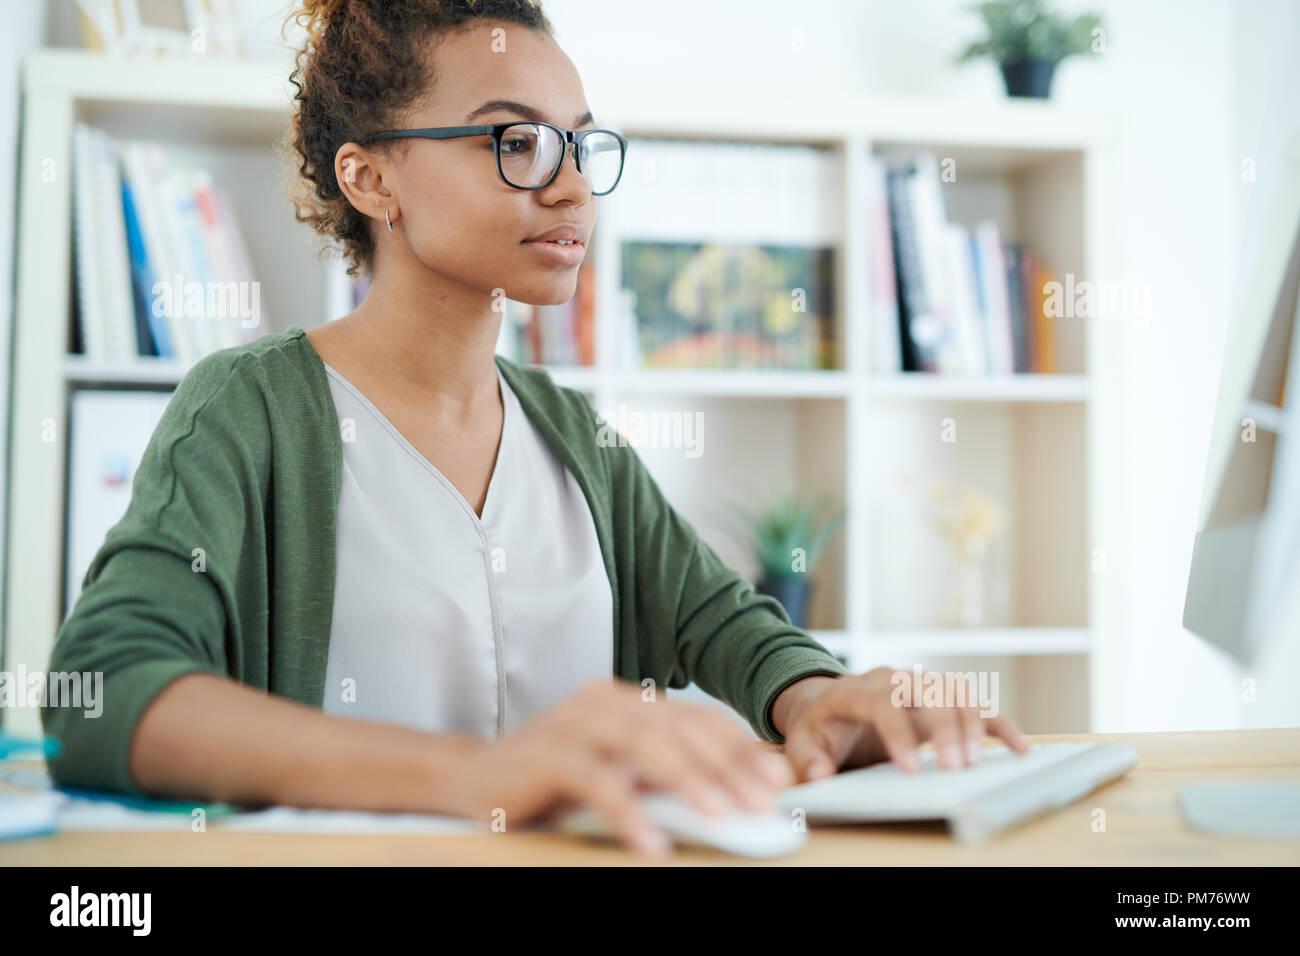 Femme afro-américaine sur le lieu de travail Banque D'Images